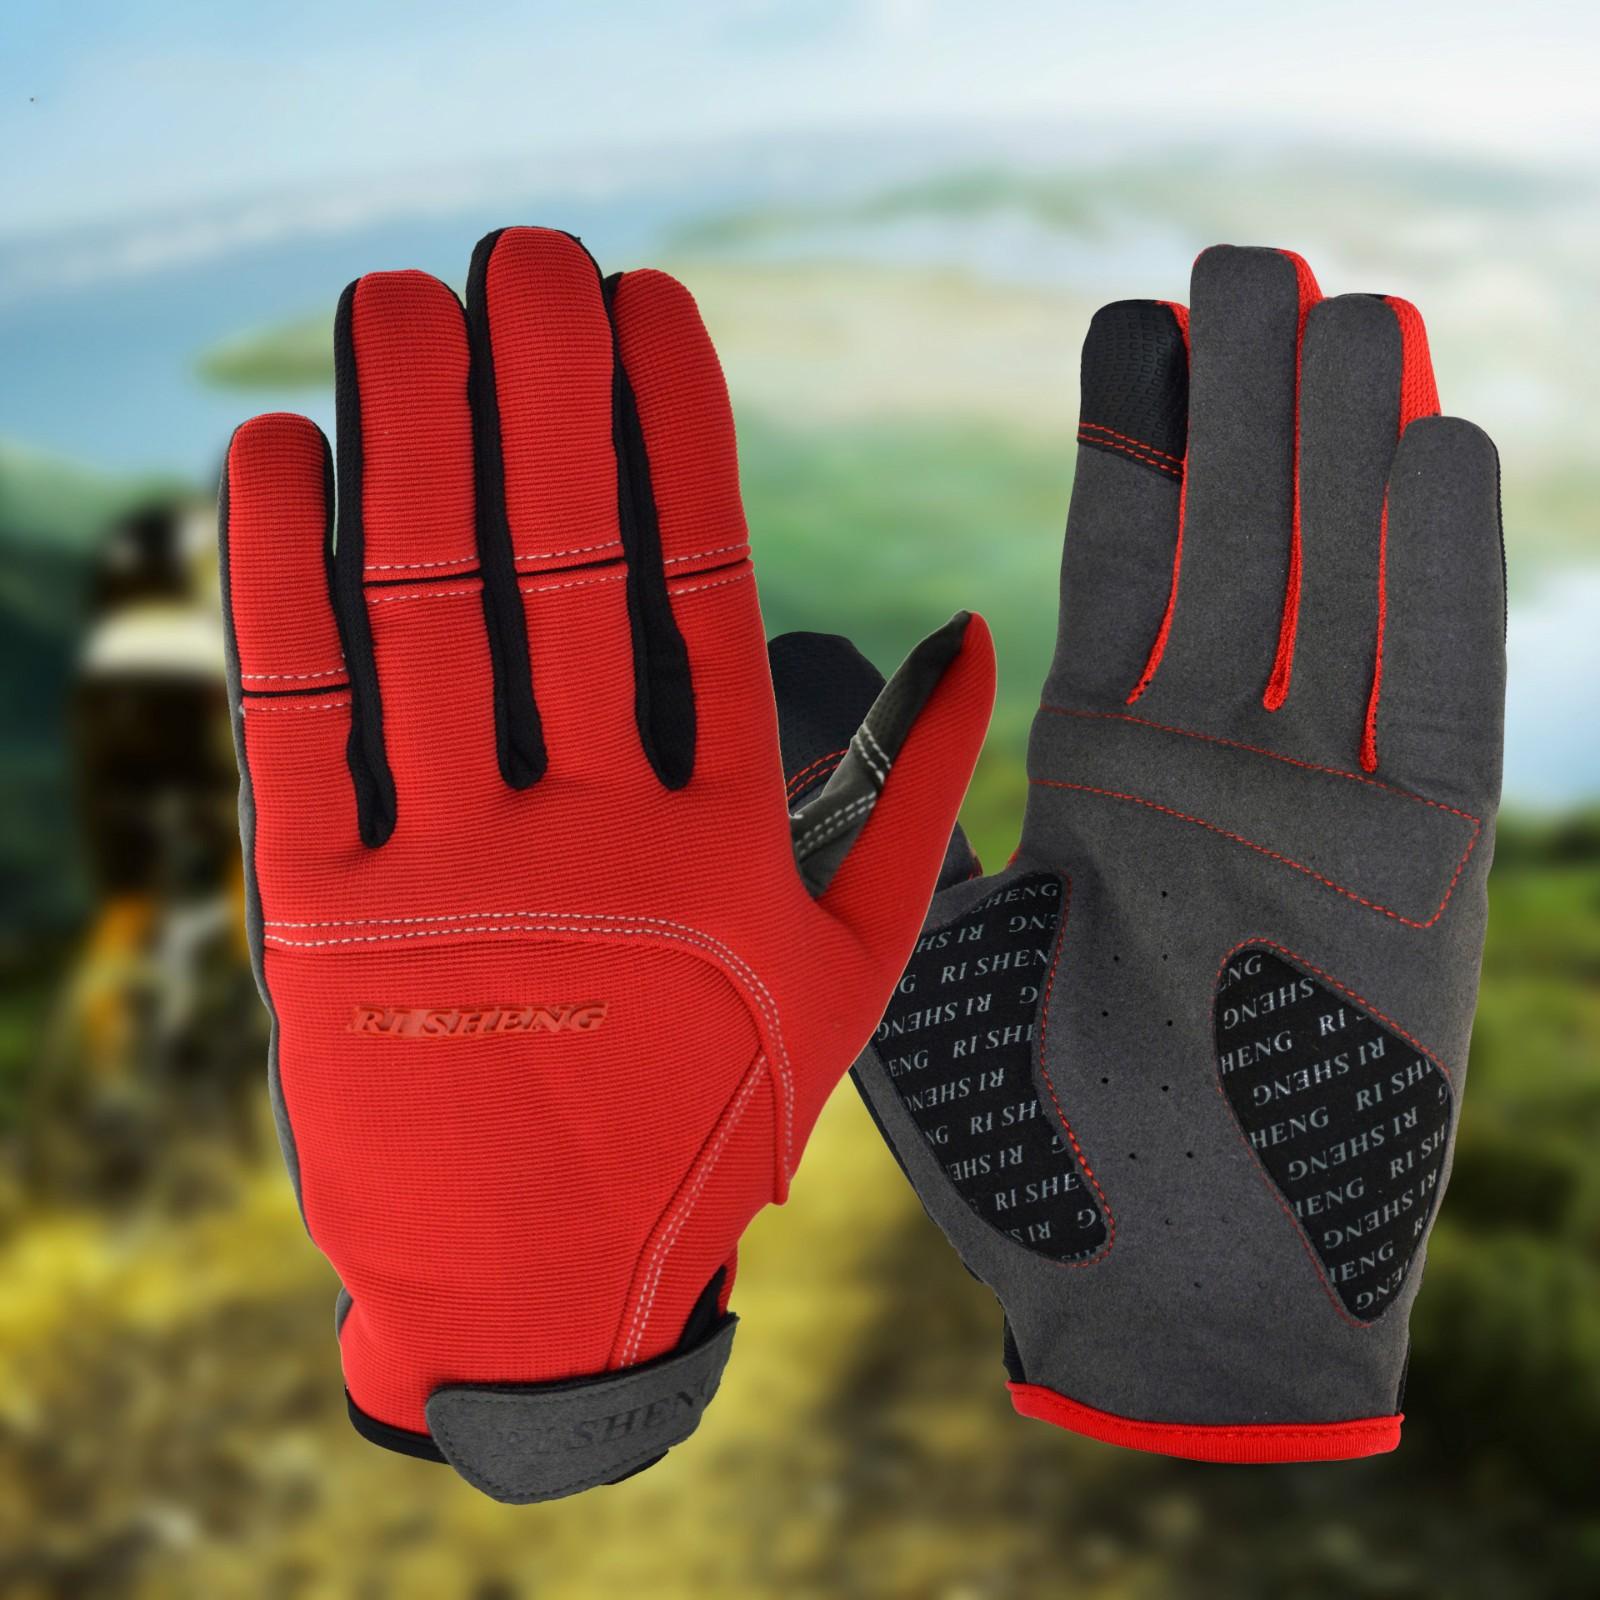 Наружные велосипедные велосипедные спортивные состязания перчаток едущие перчатки полные перчатки пальцев мягкие теплые перчатки хране